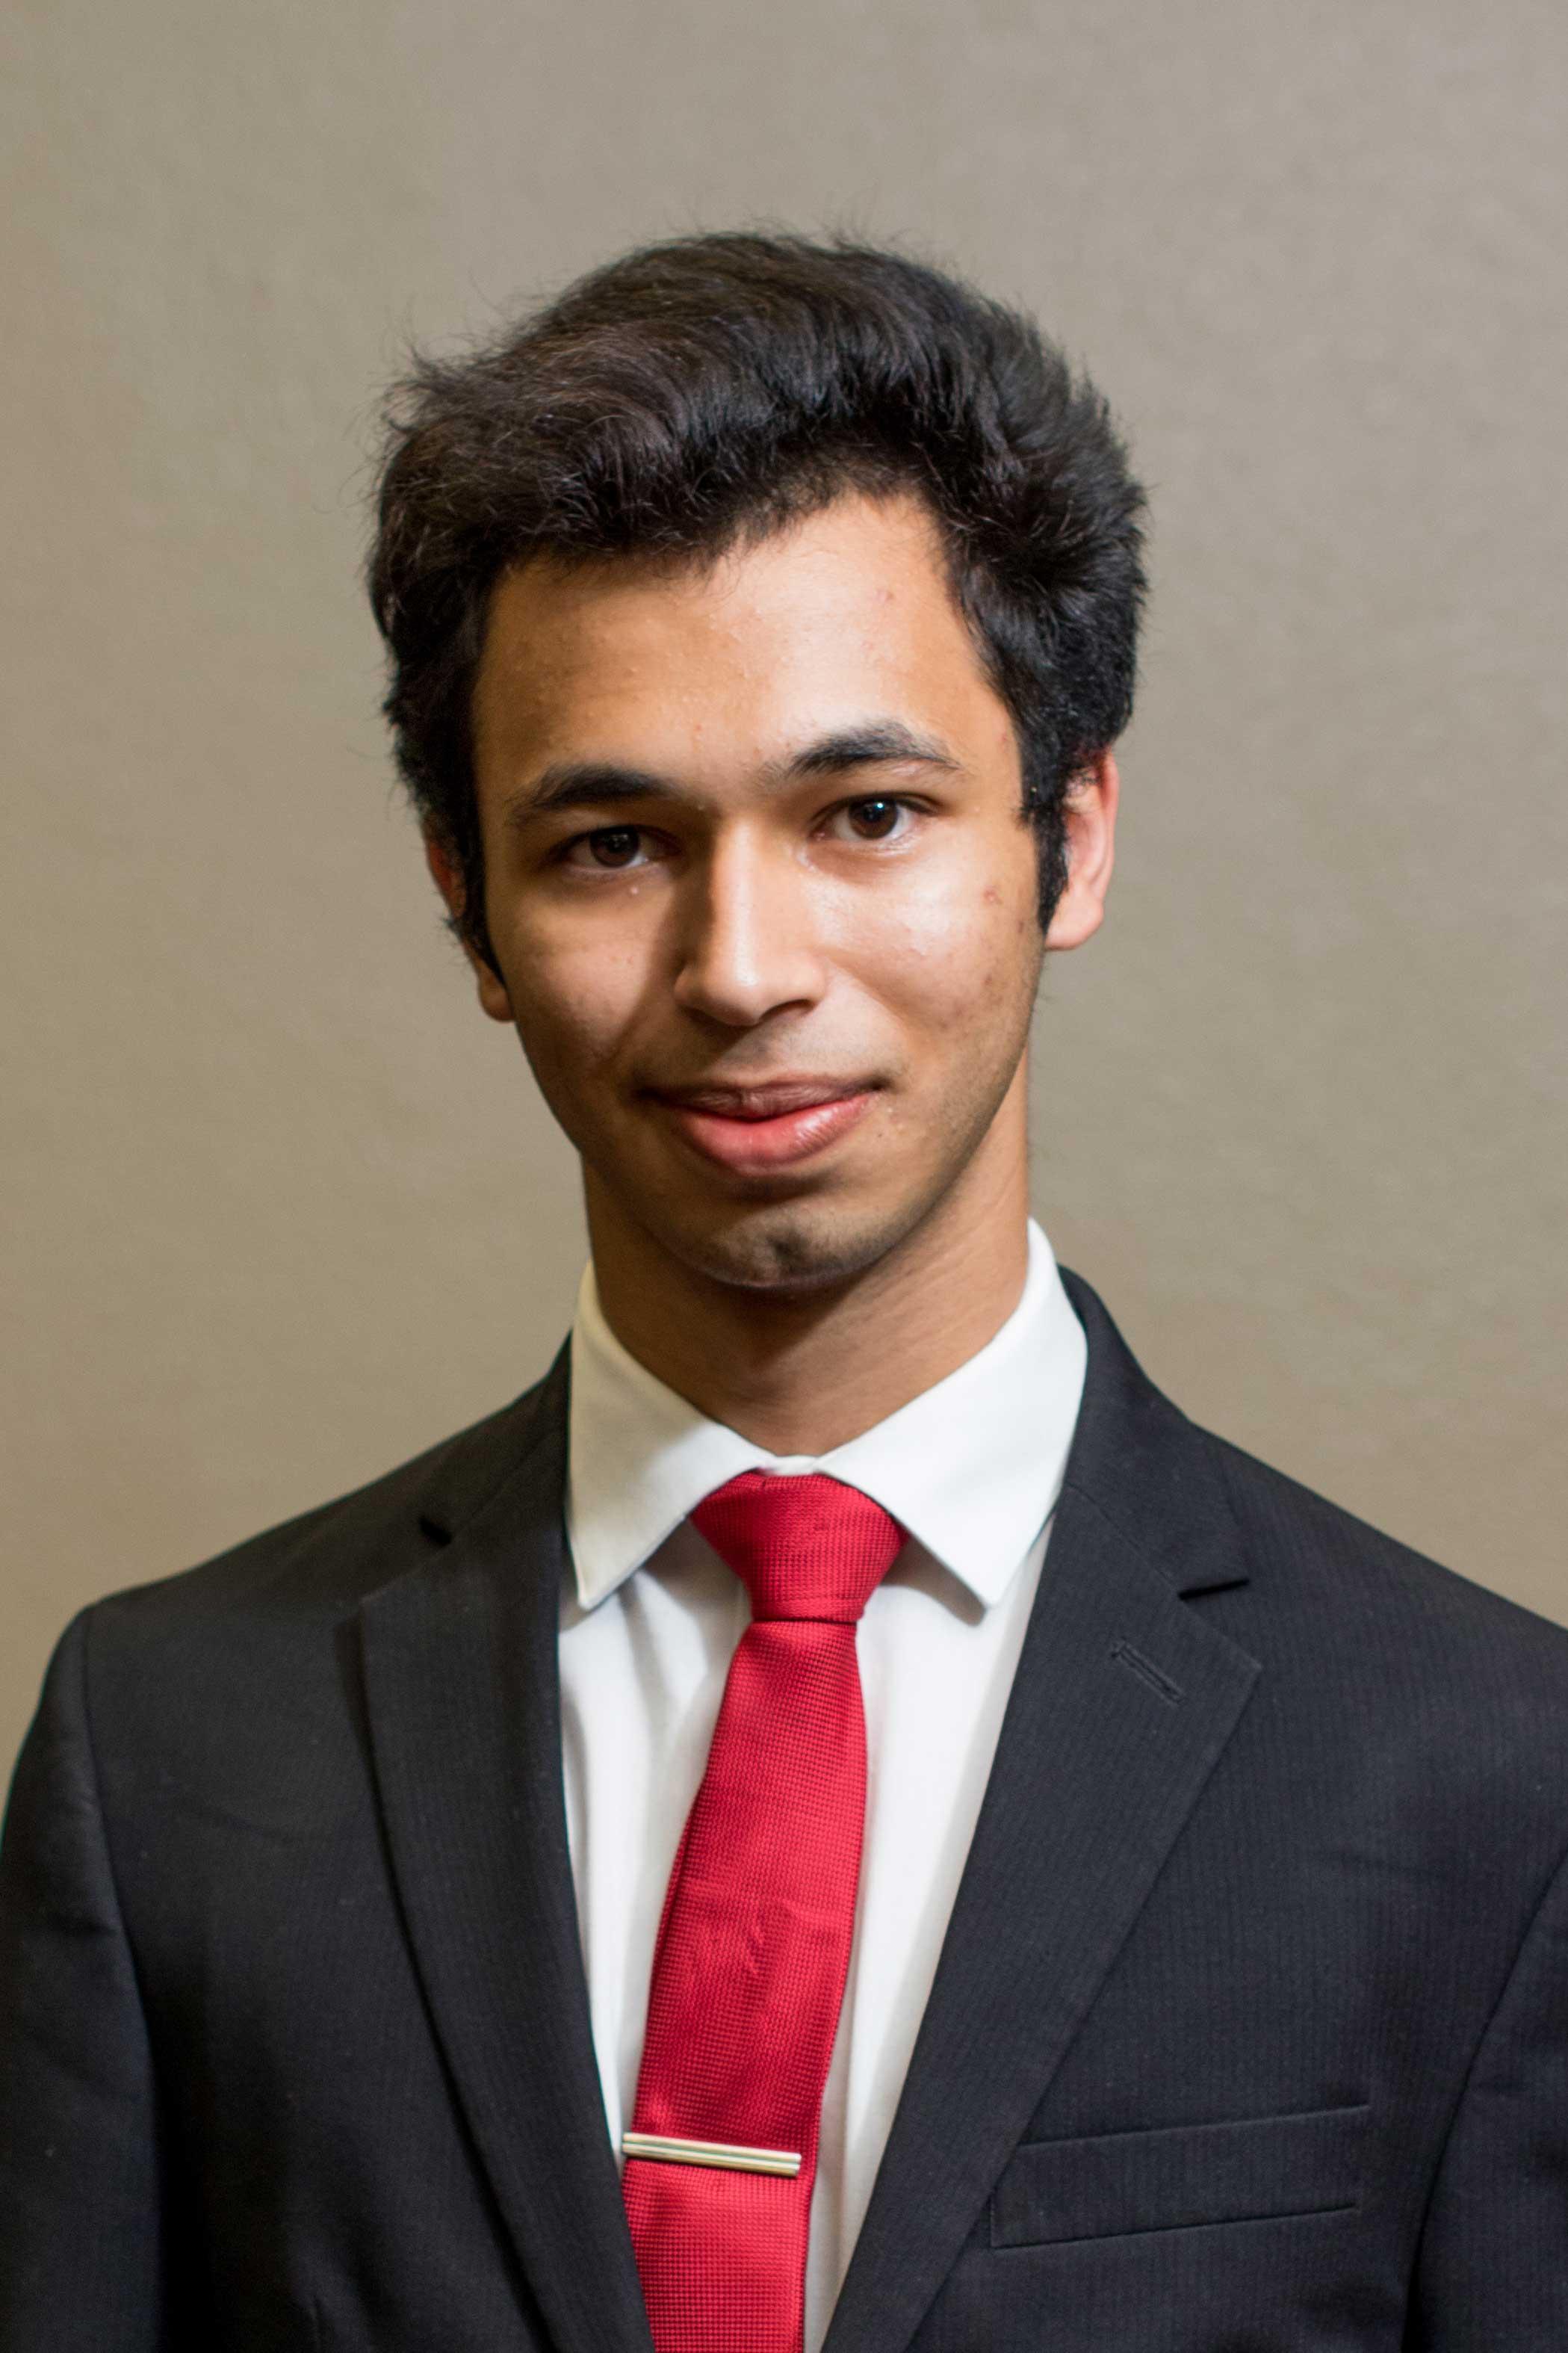 Yousef Abugalyon